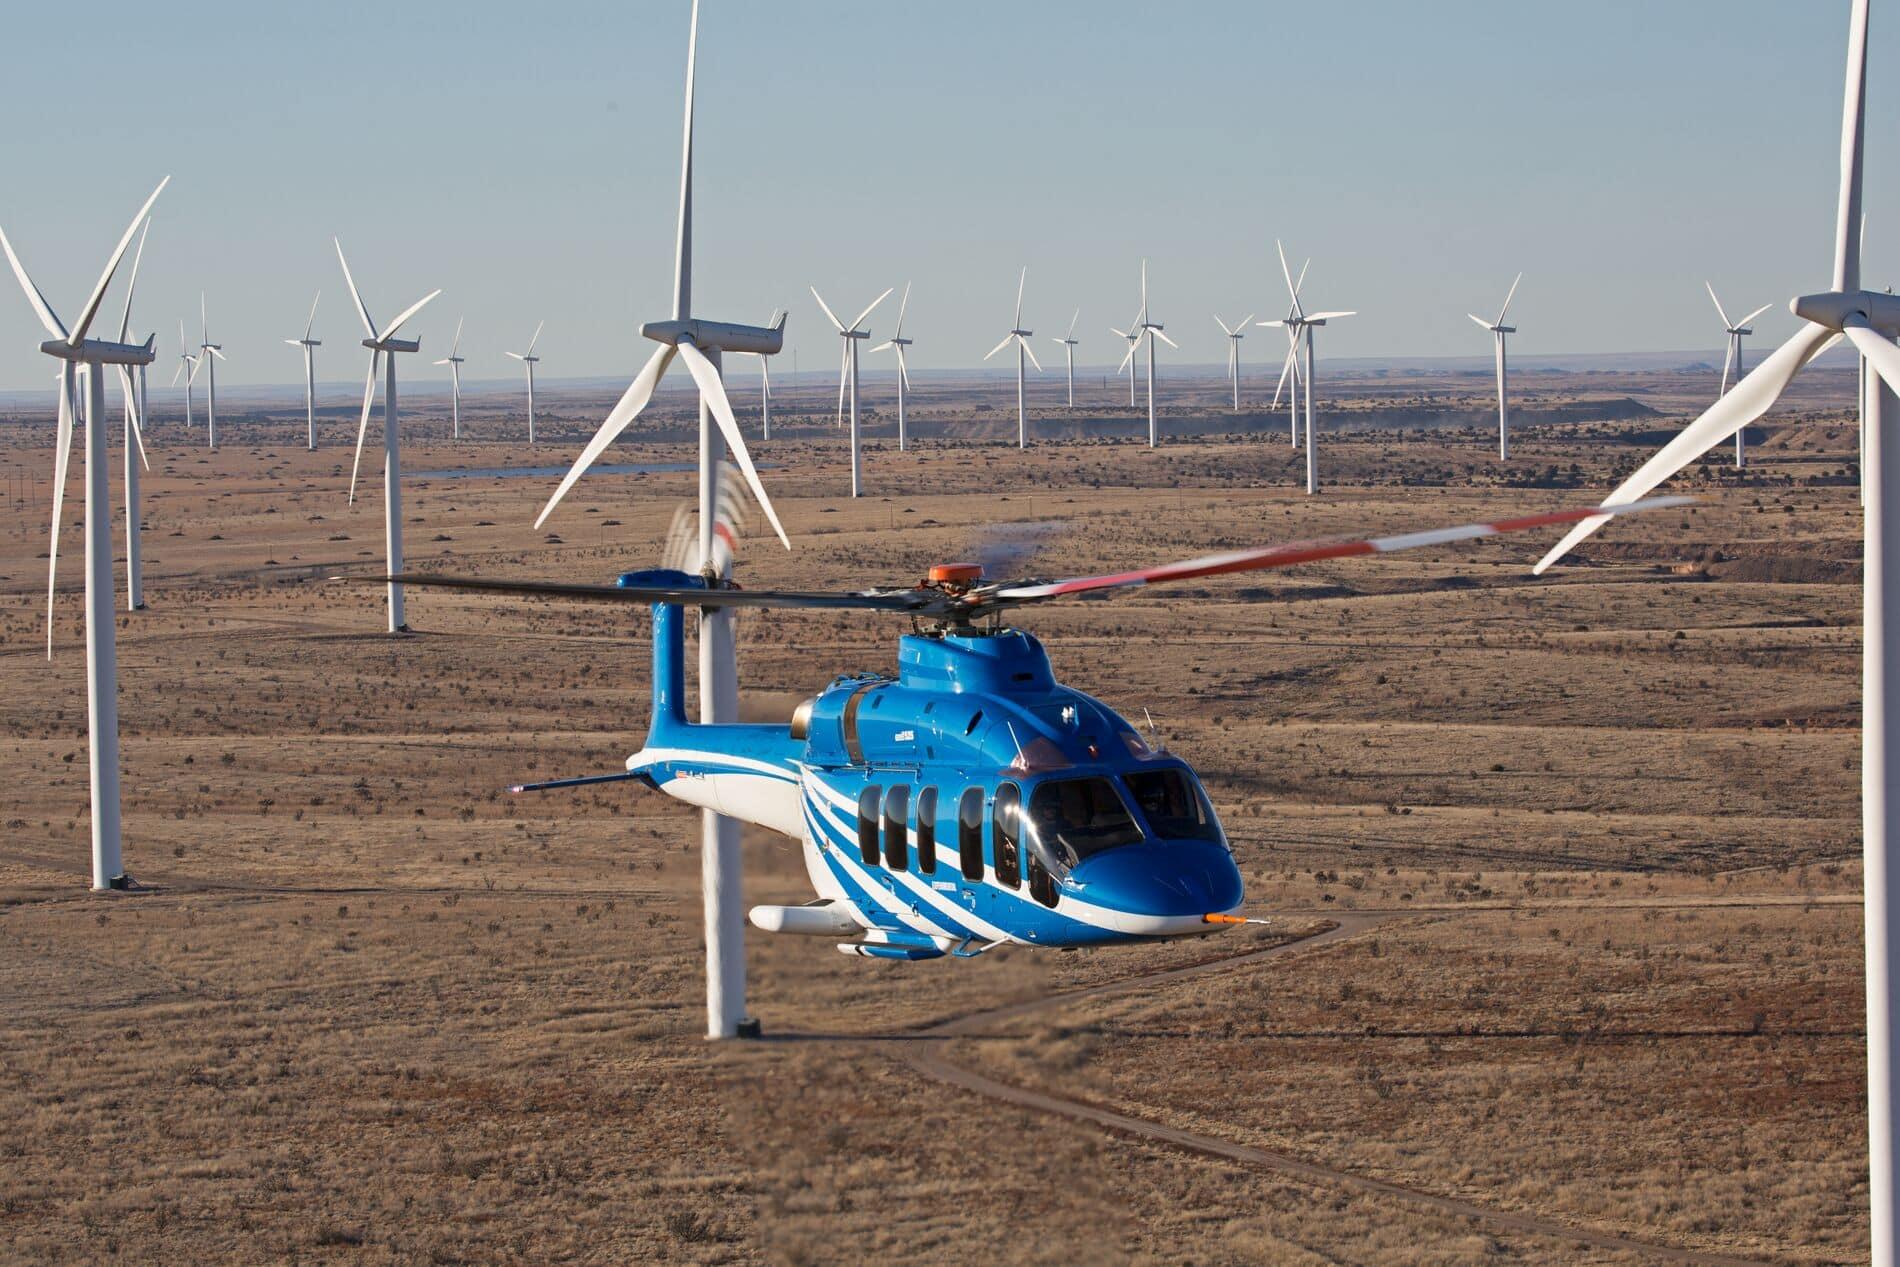 Bell 525 volant au travers d'un parc éolien en milieu désertique